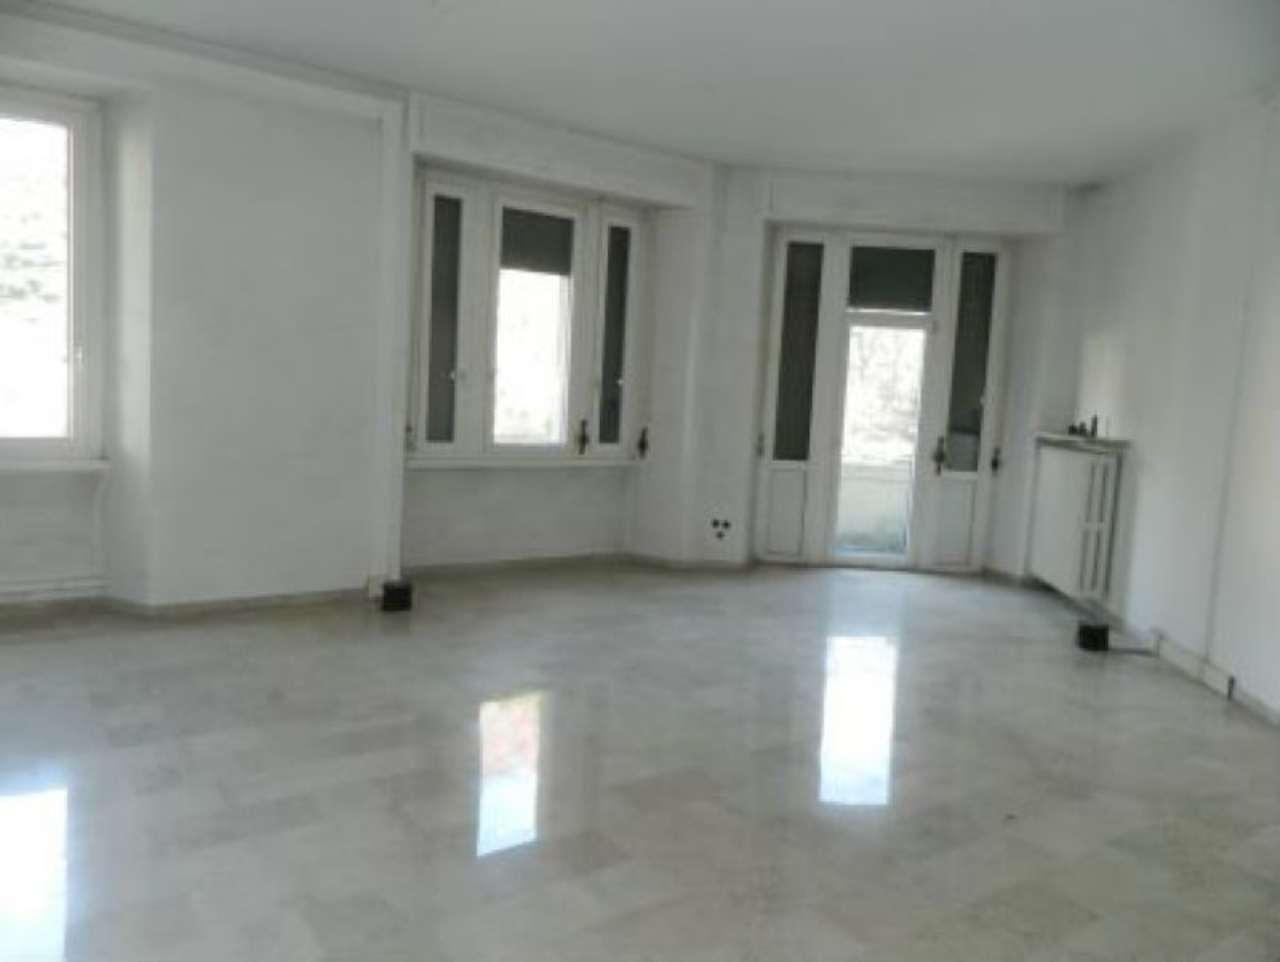 Ufficio / Studio in affitto a Sondrio, 3 locali, prezzo € 900 | PortaleAgenzieImmobiliari.it